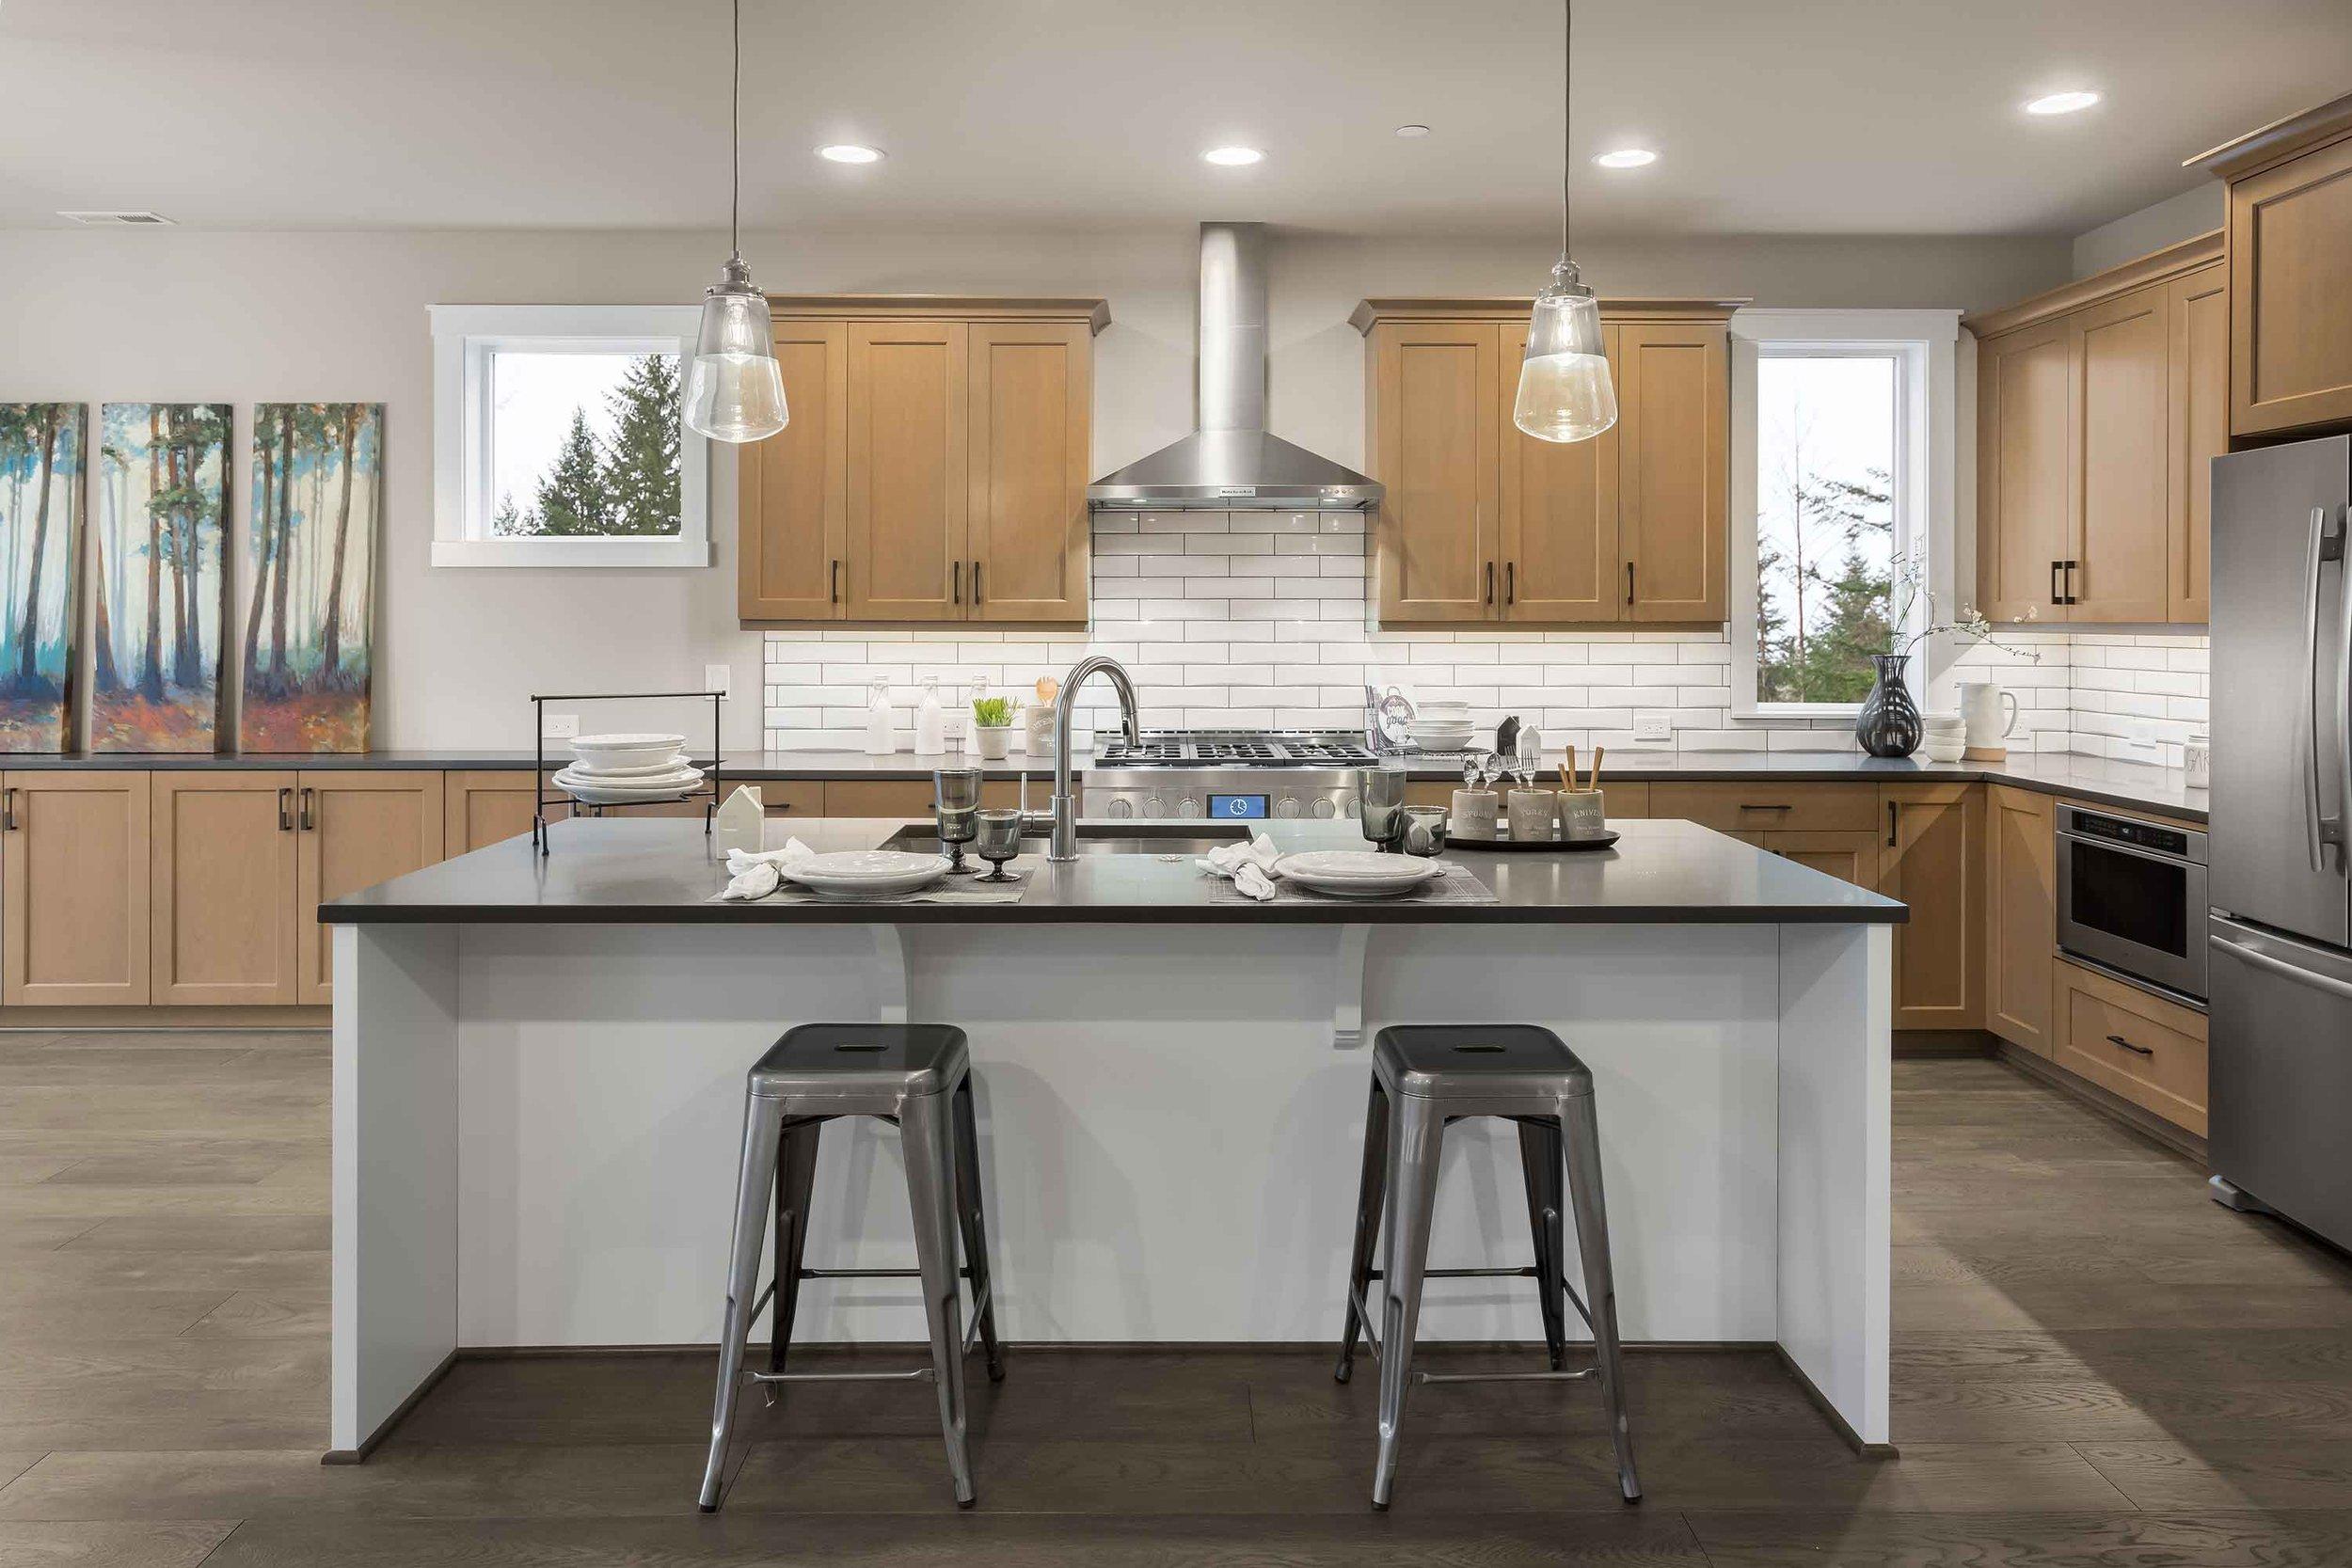 Kitchen-dwn.jpg